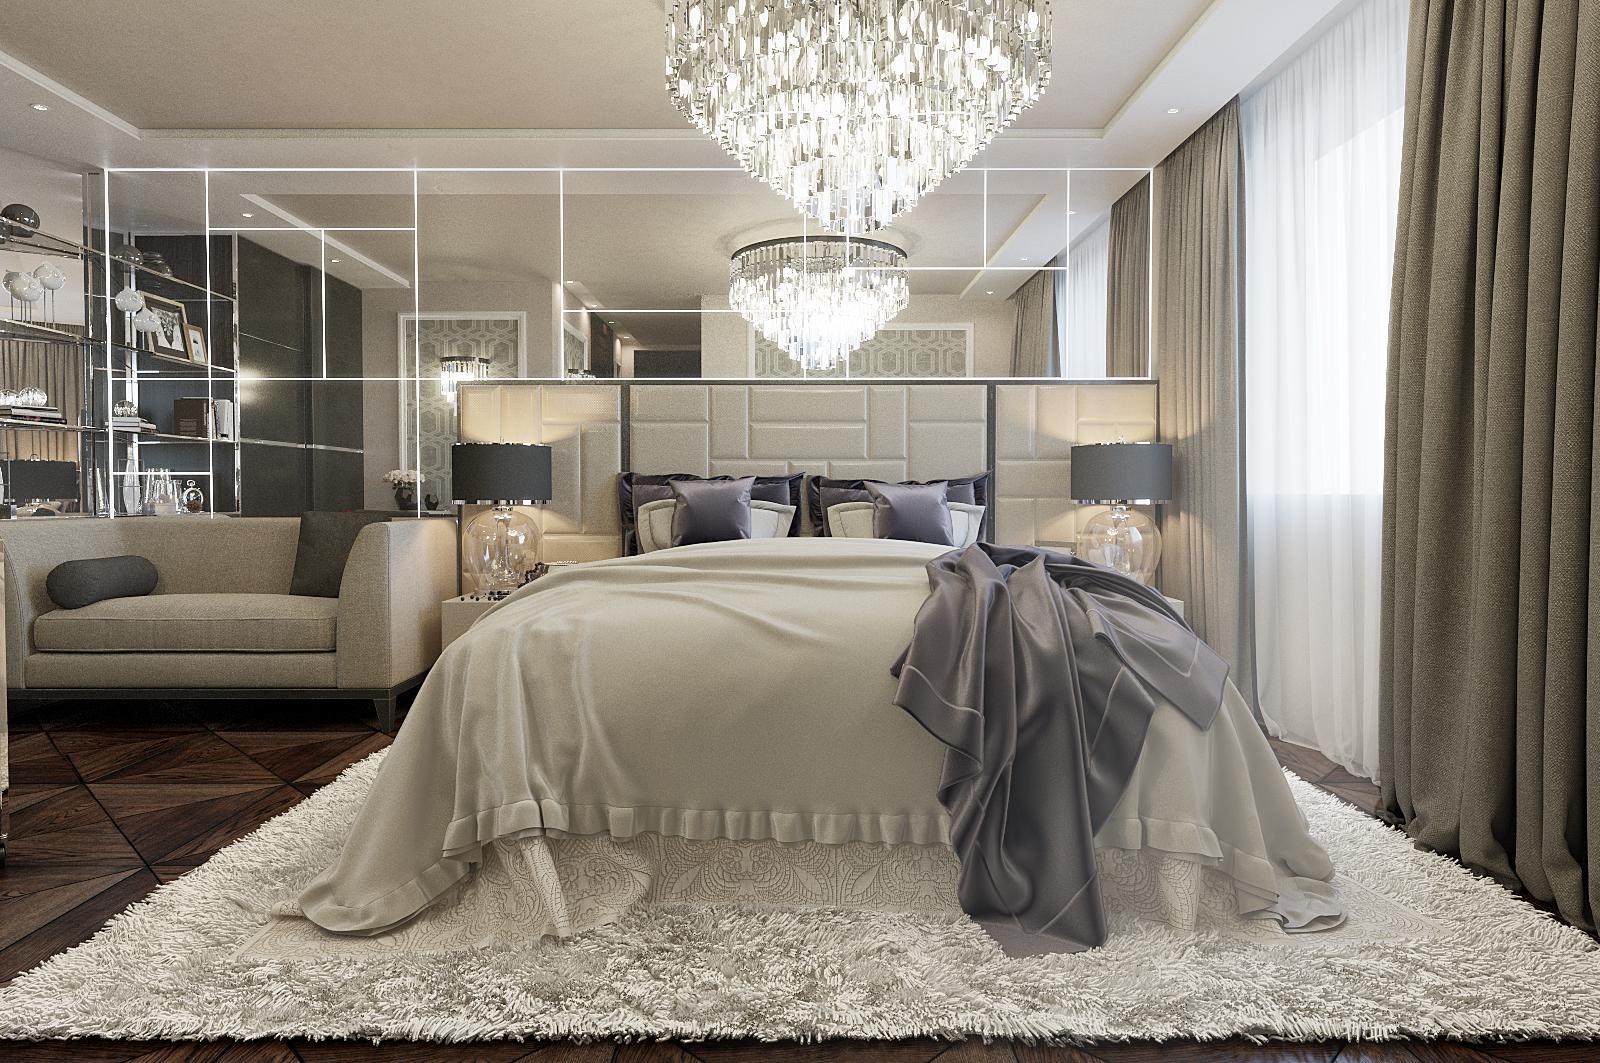 Спальня для женщины 50 лет